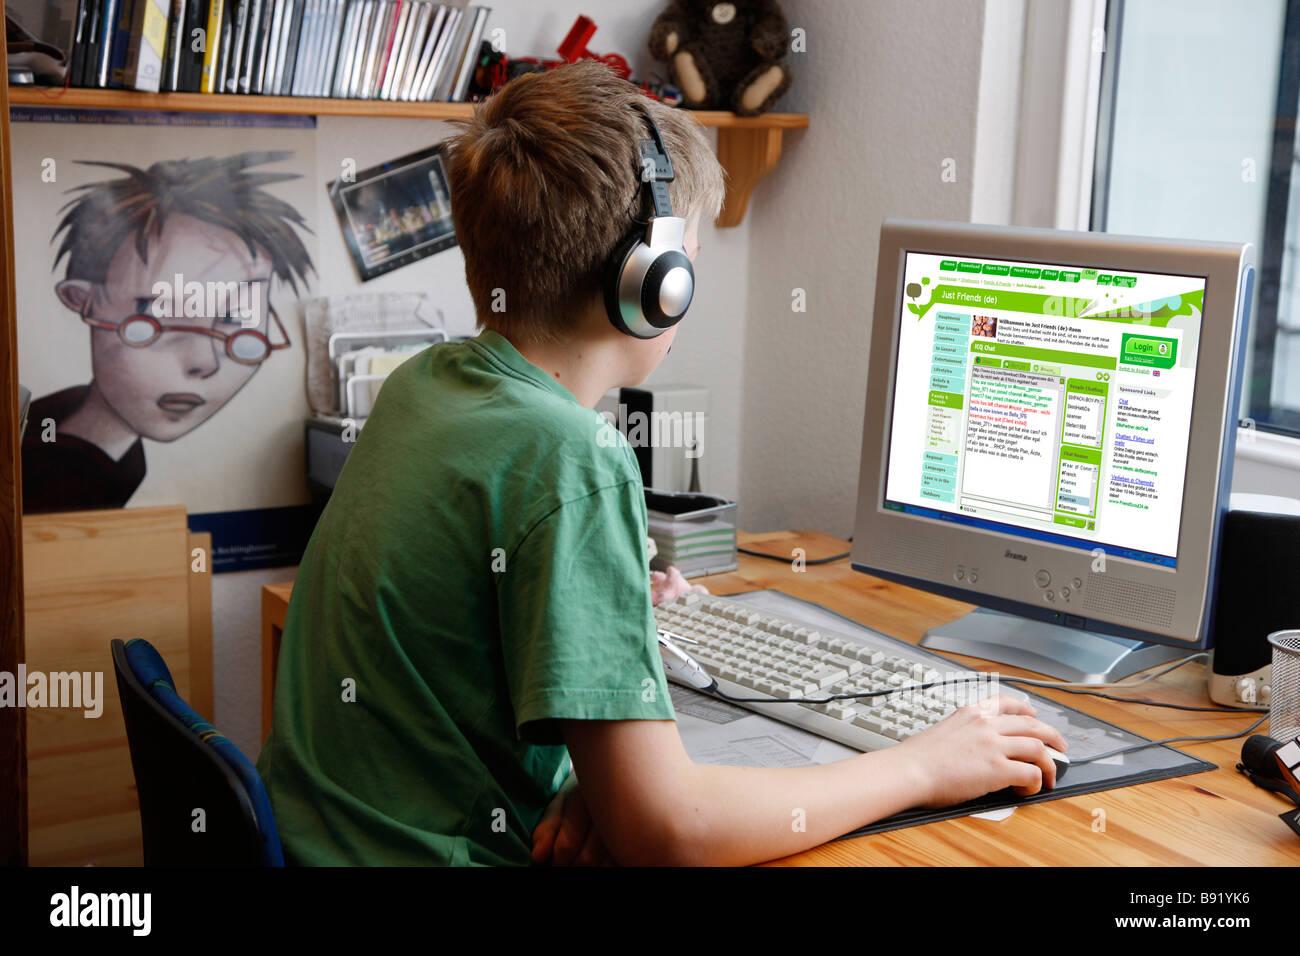 Junge 13 Jahre Alt Surft Mit seit Computer Zuhause Im Internet Auf Einer Chat-Seite Für Jugendliche Stockbild